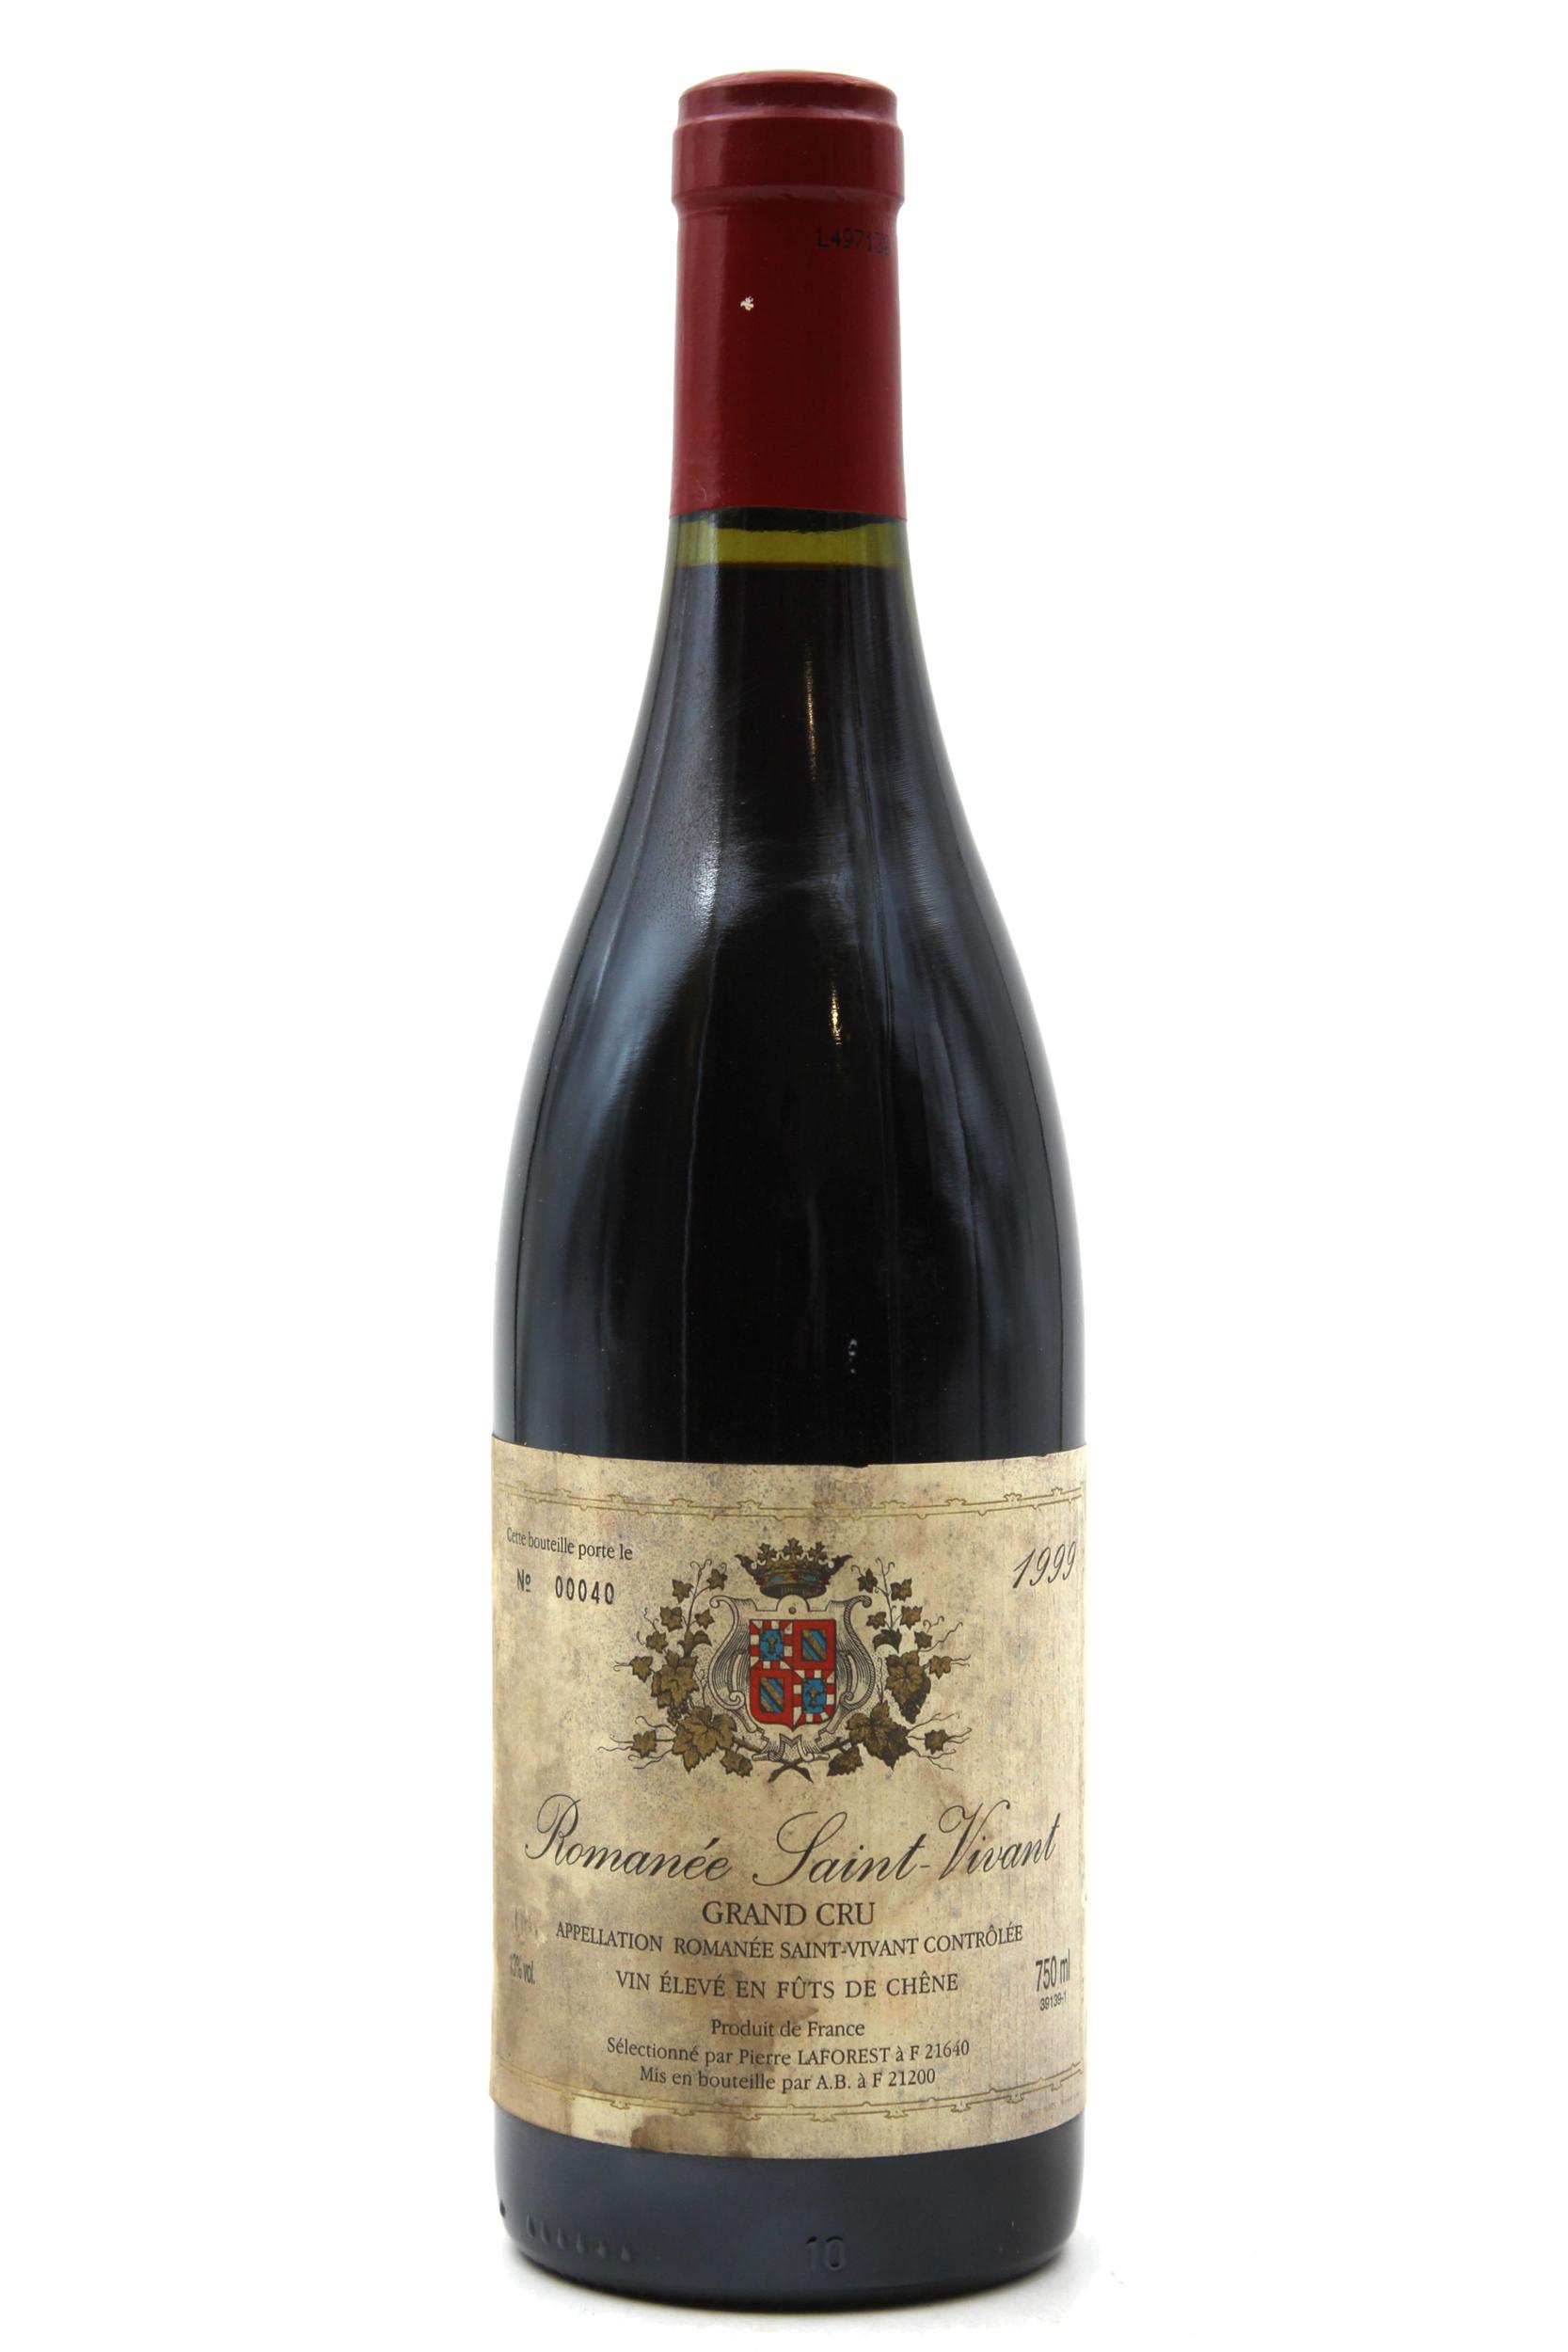 Romanée Saint-Vivant 1999 - Pierre Laforest - Vin Rouge - 75cl - Bourgogne